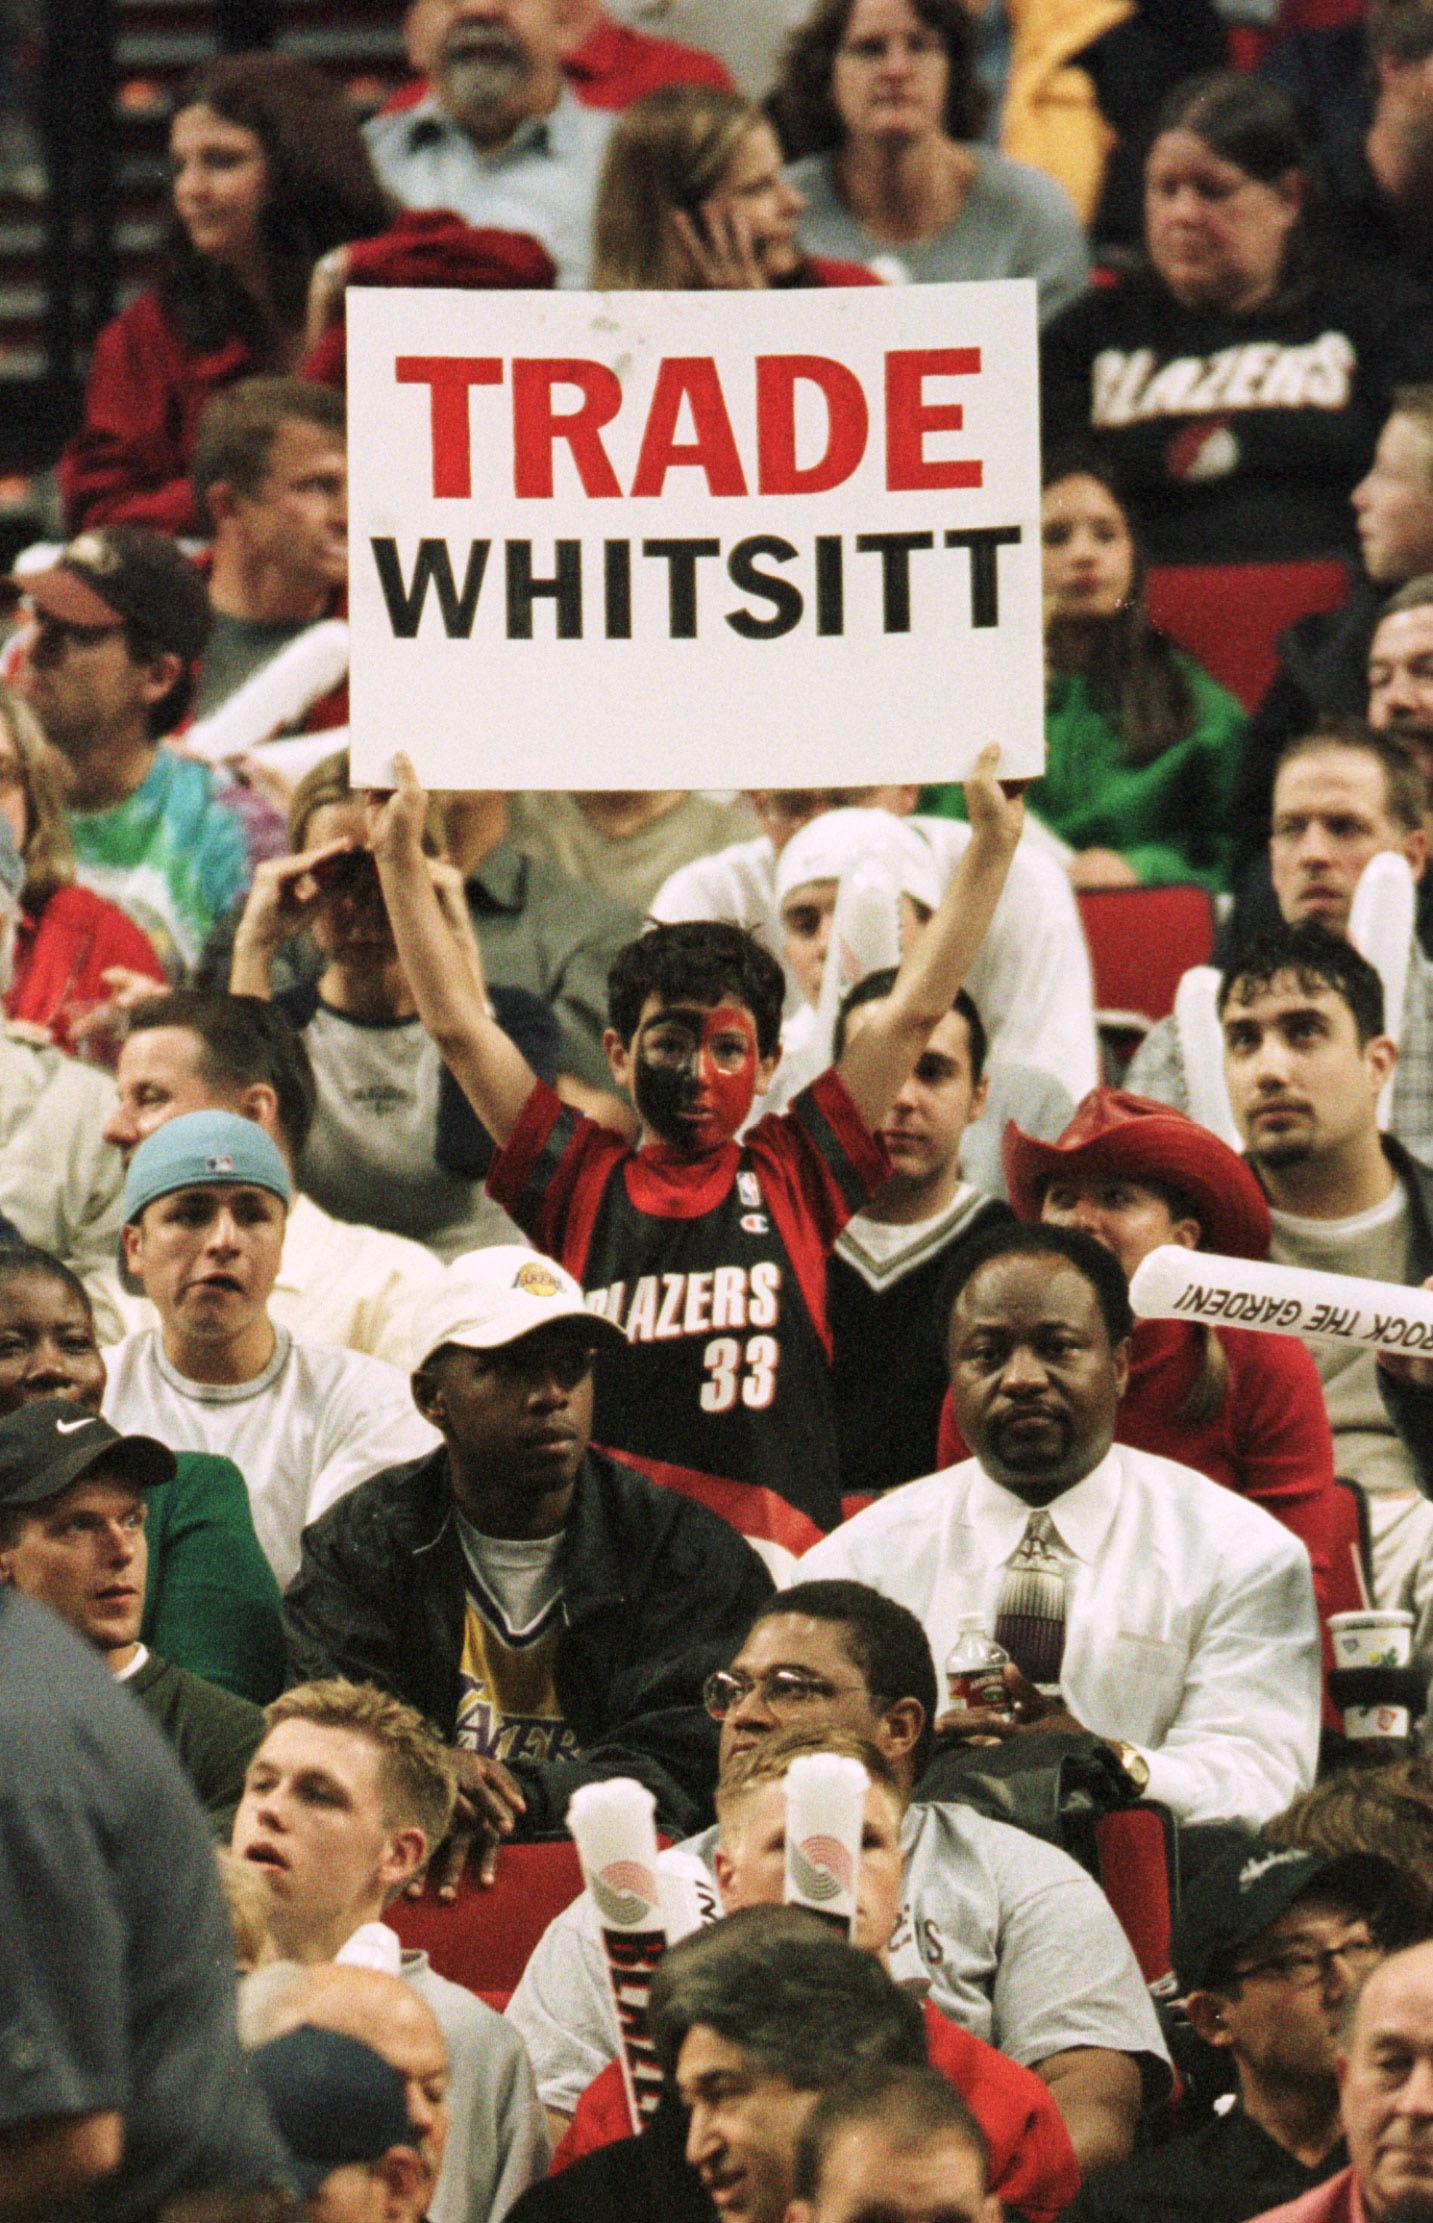 Lakers v Trail Blazers fan